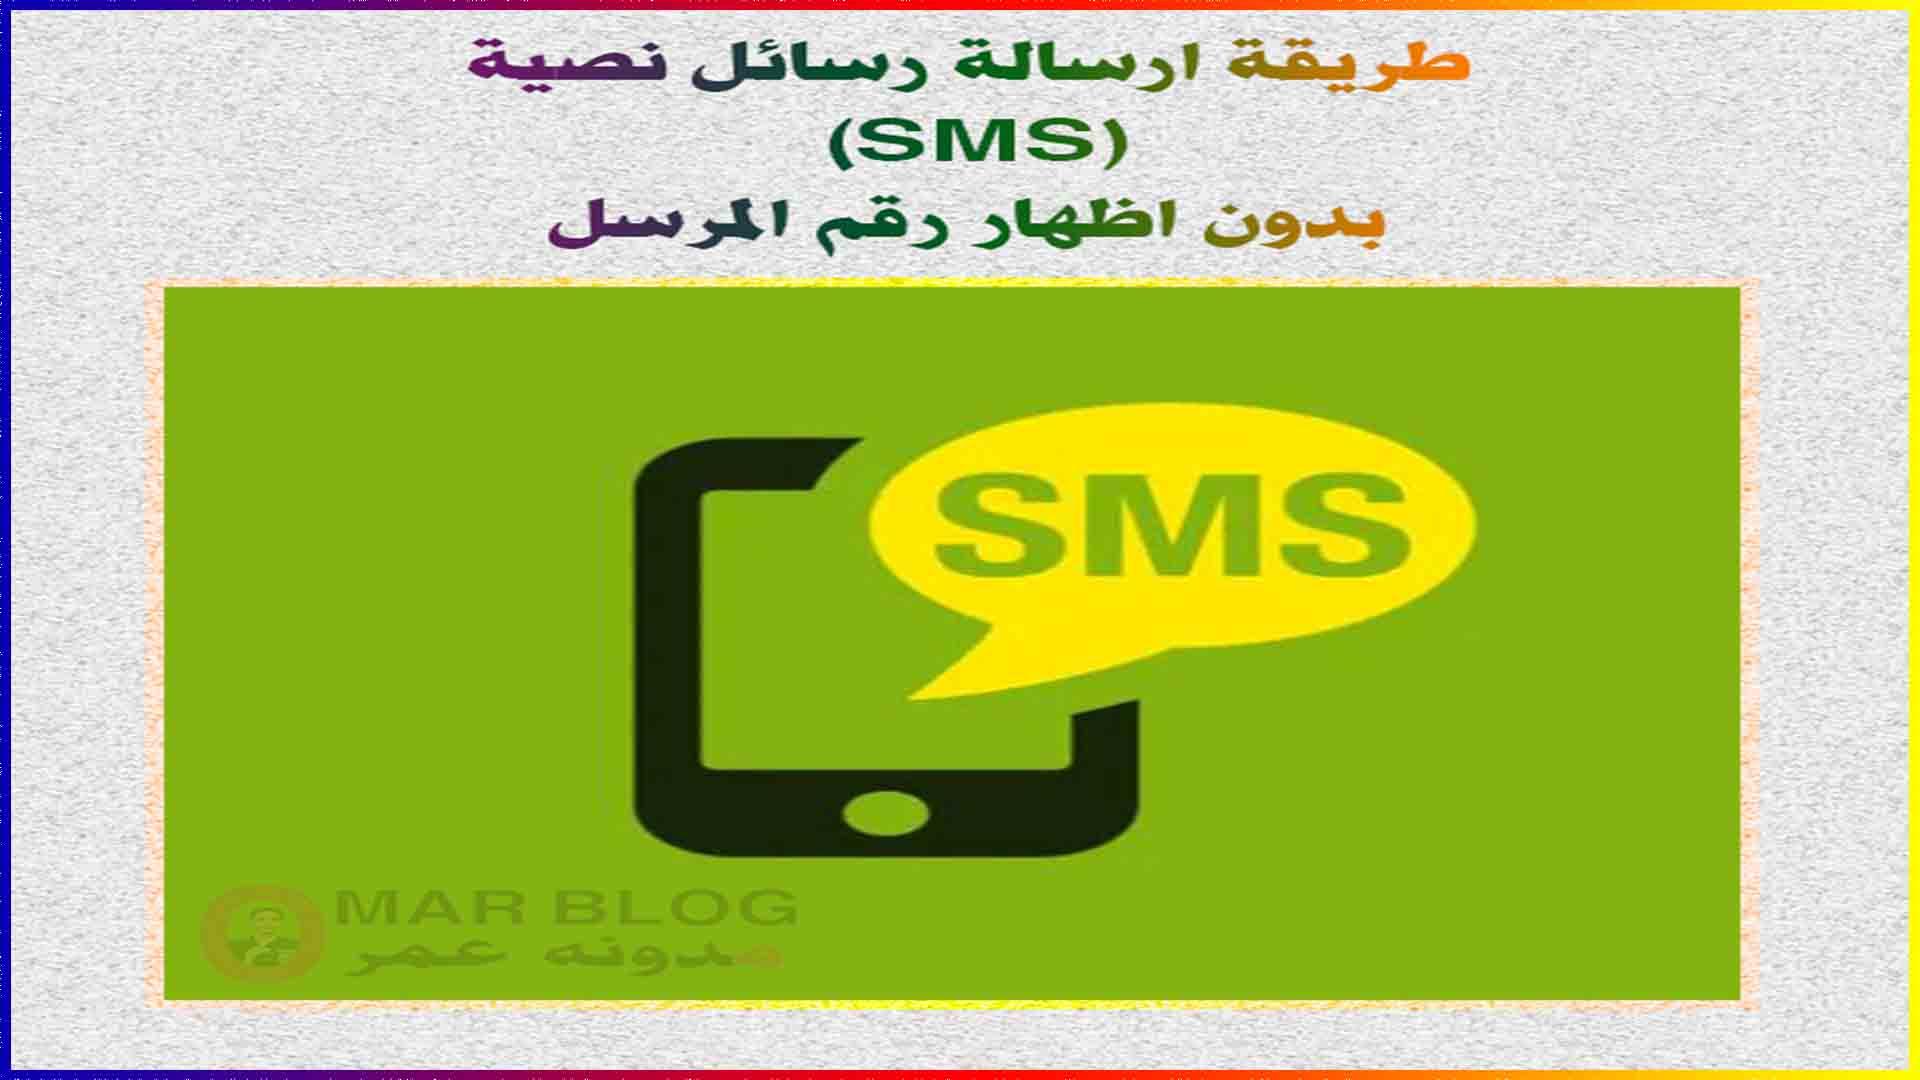 افضل موقع لارسال رسائل sms مجانا (مواقع حصرية وجديدة) .